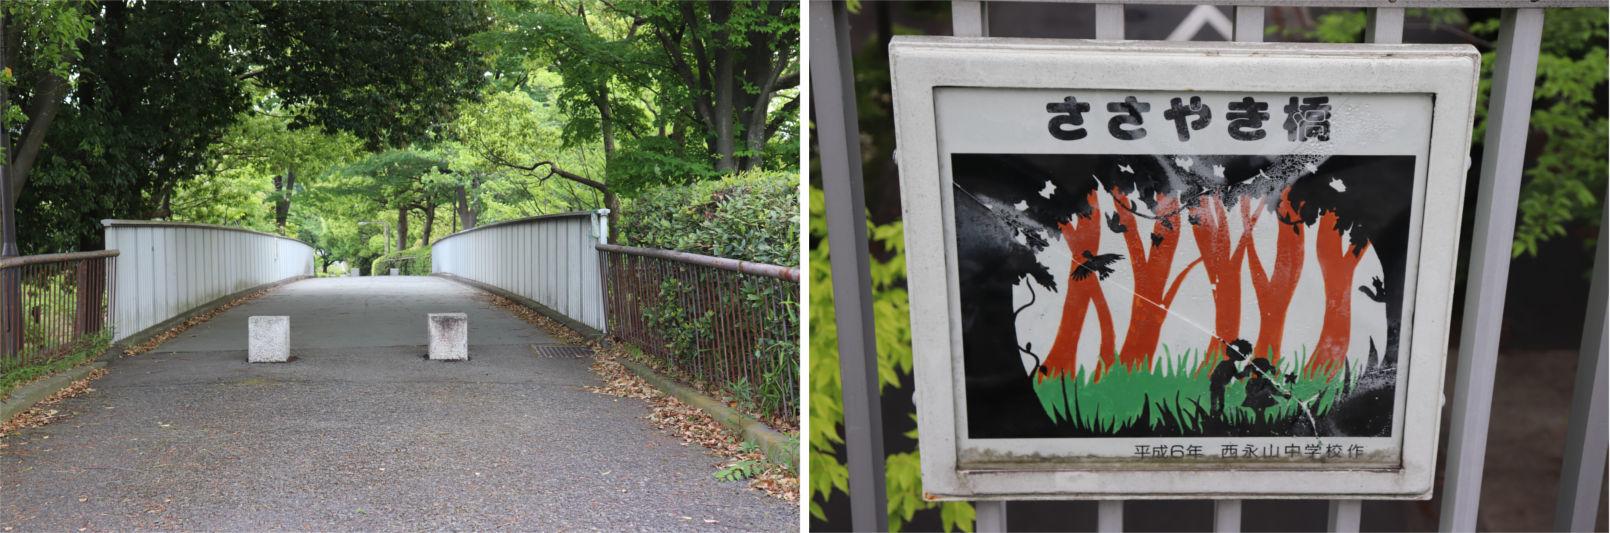 [多摩NTの橋ぜんぶ撮影PJ] No.86~90 瓜生地区の橋_a0332275_00481840.jpg